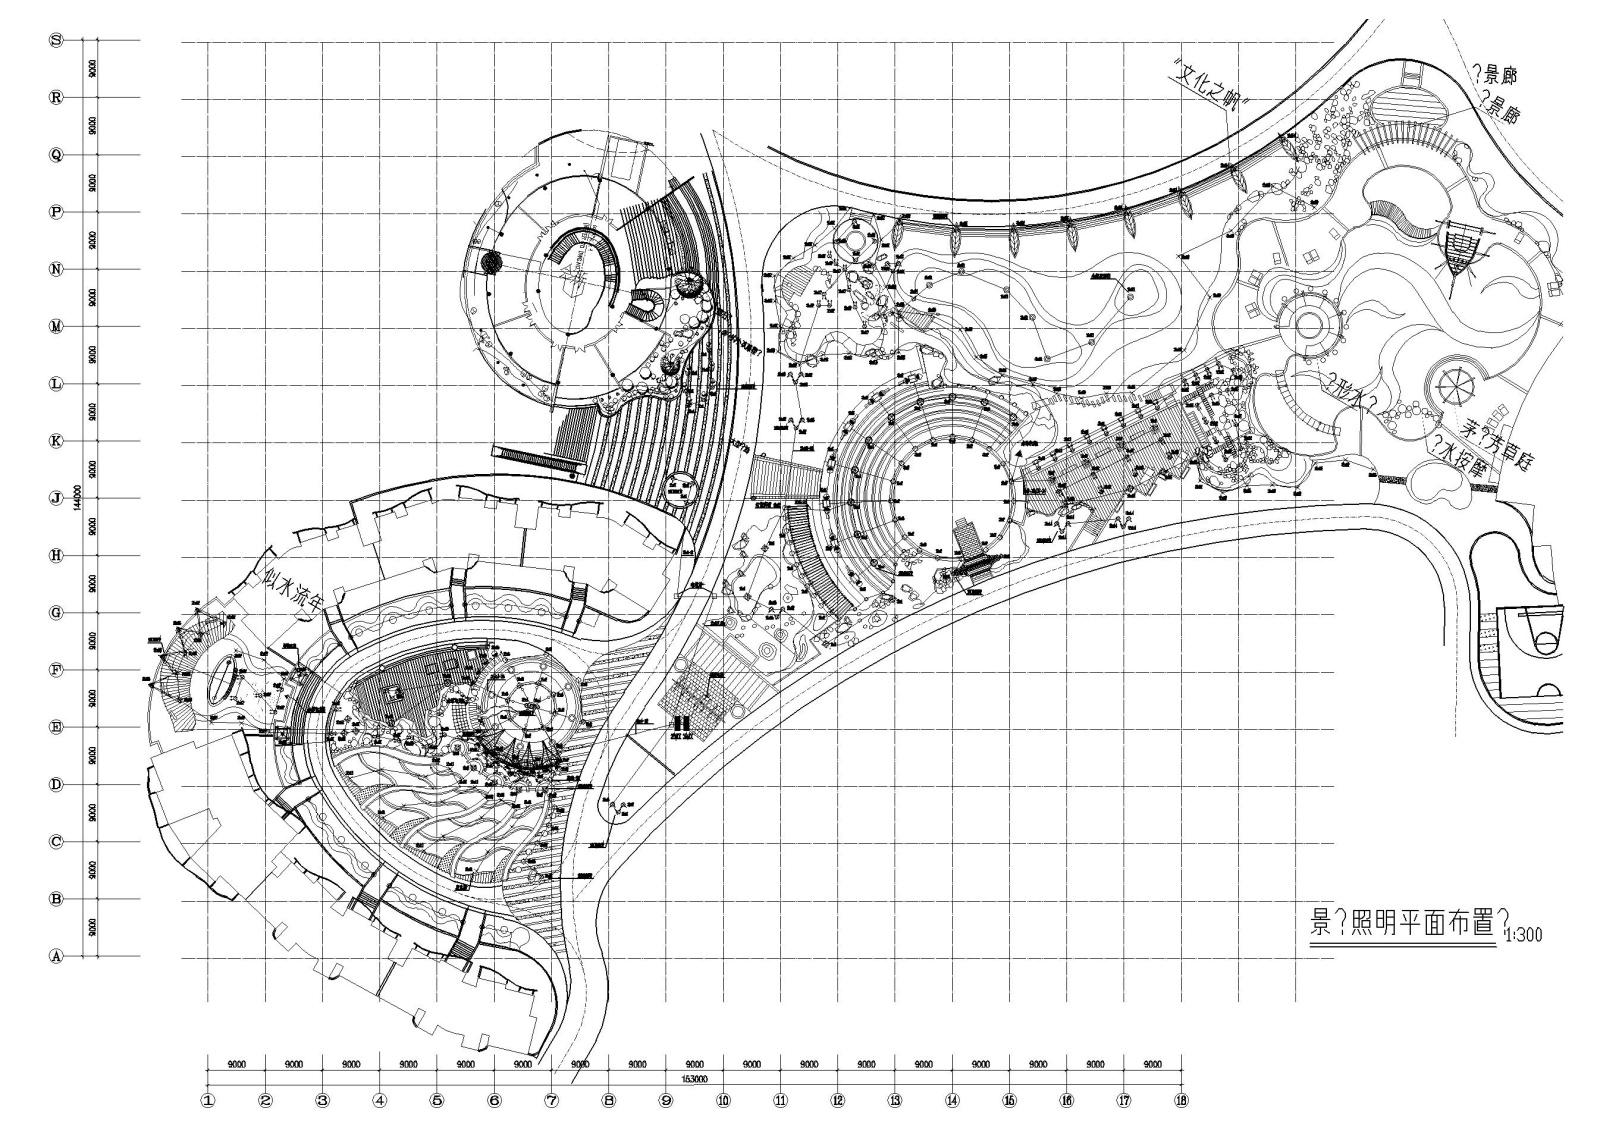 [重庆]天骄年华景观工程全套施工图纸施工图下载【ID:160688102】